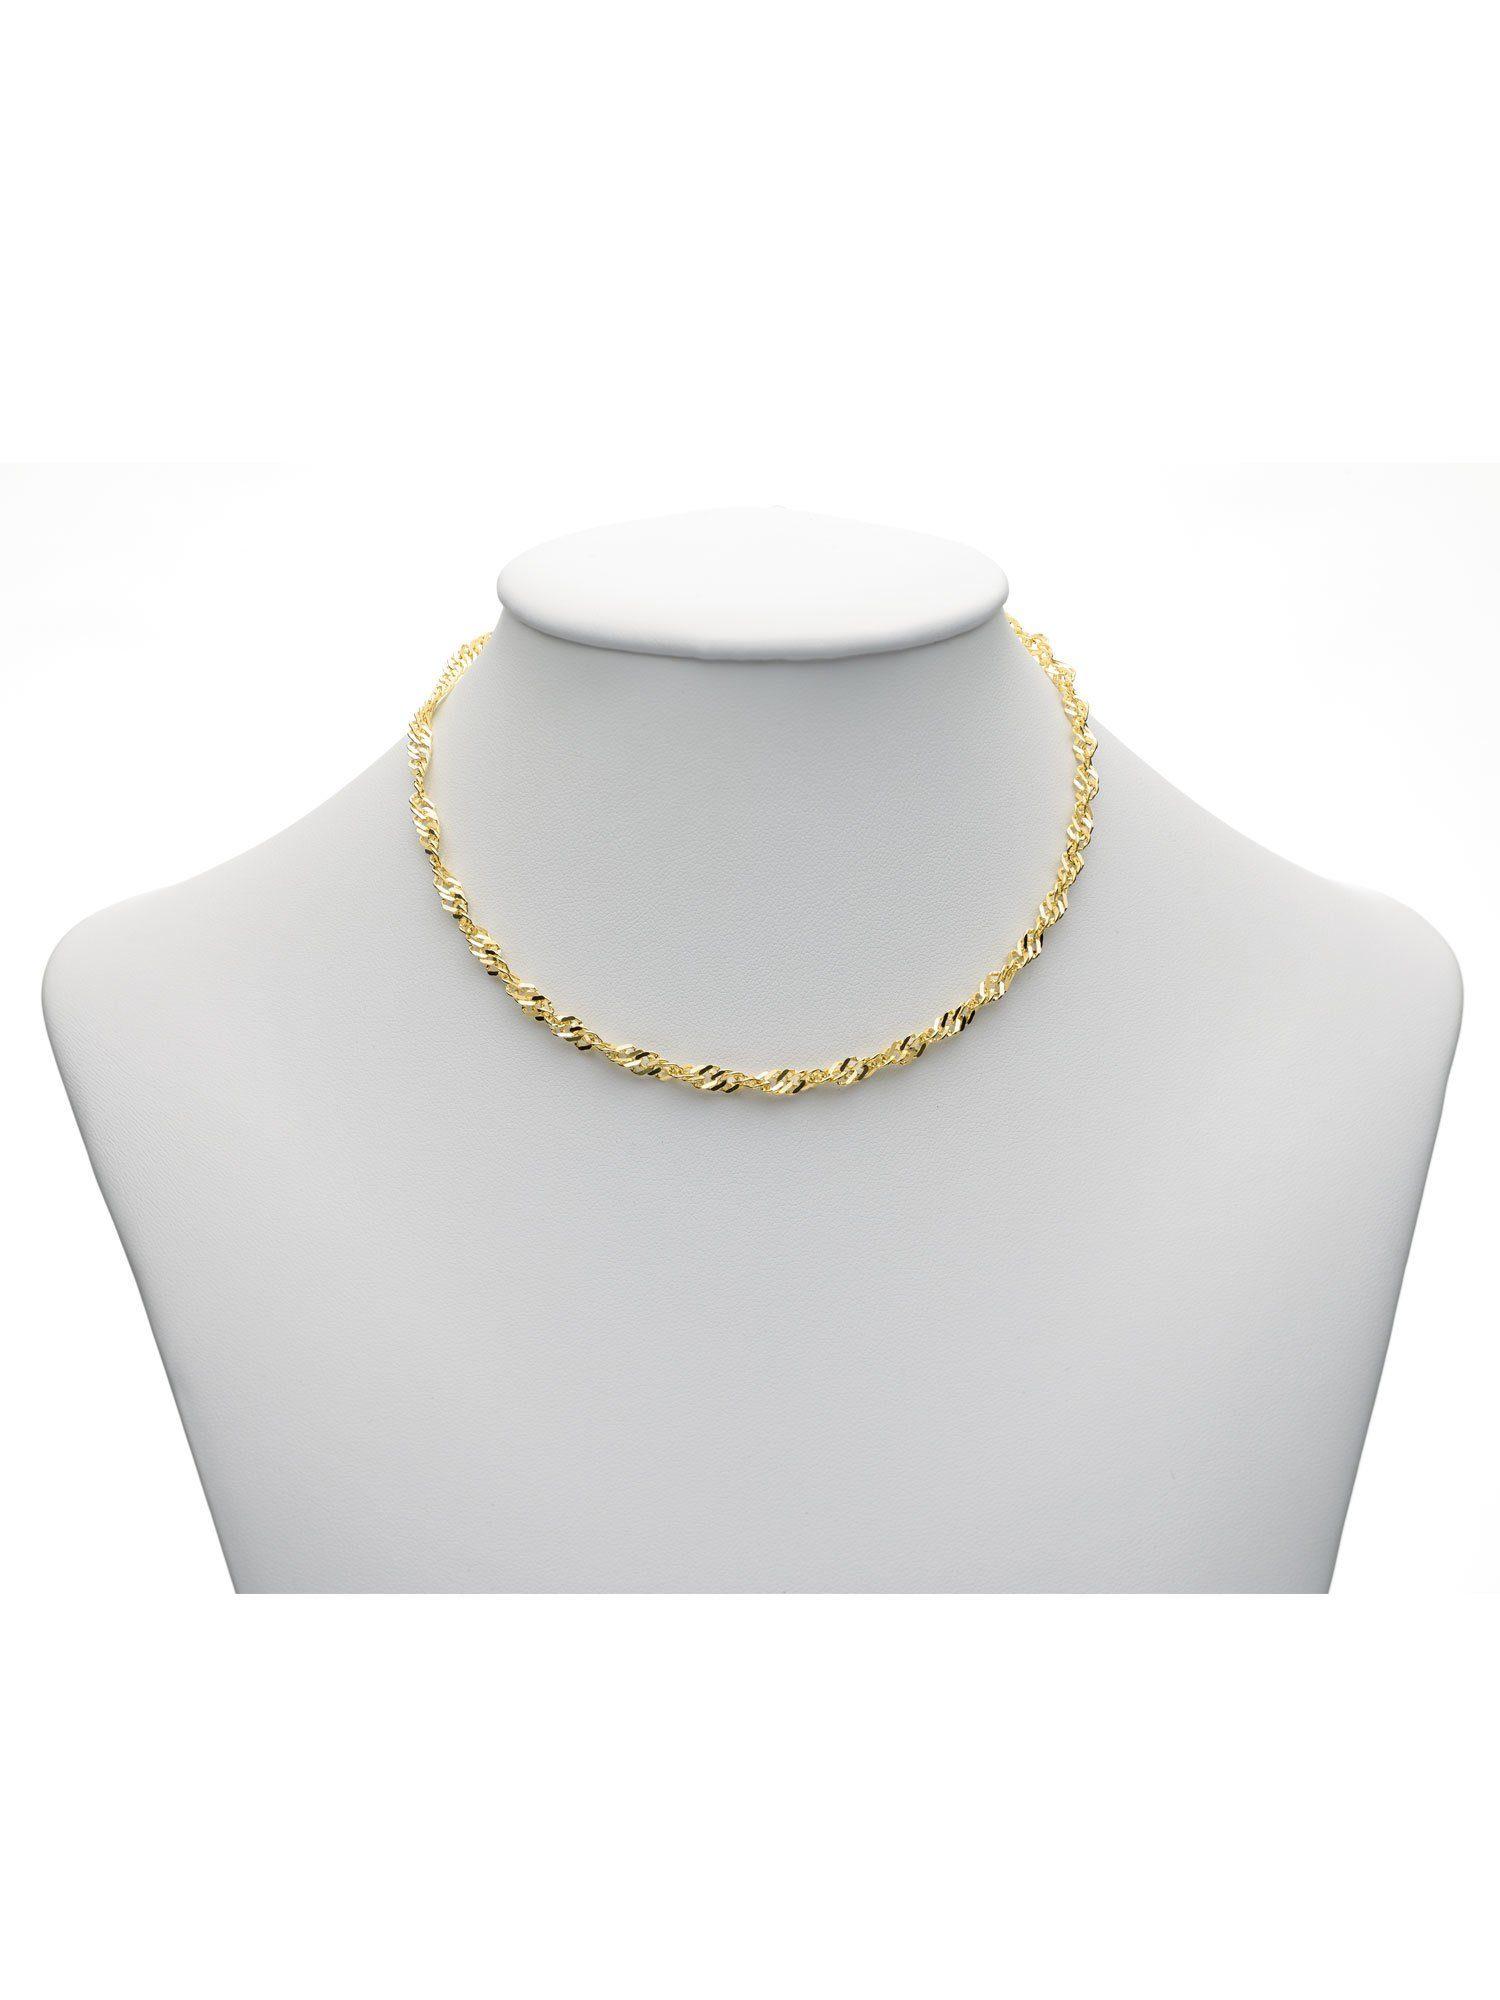 Online Goldkette Kette Adelia´s »gold Kaufen Singapur K333HalsketteCollier« 8 333 Gelbgold 8XnO0wPk